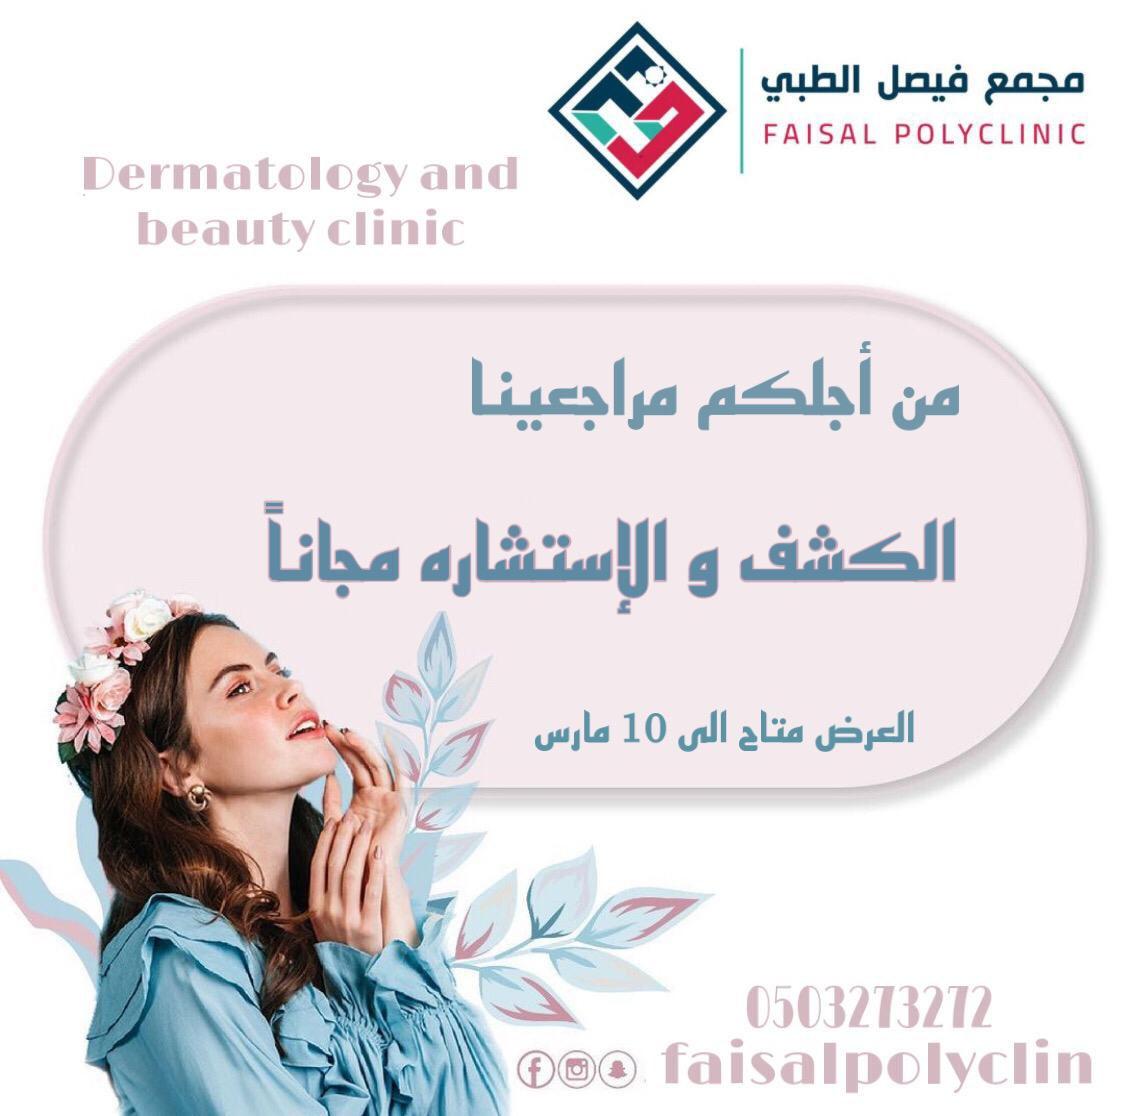 مجمع فيصل الطبي Faisalpolyclin2 Twitter